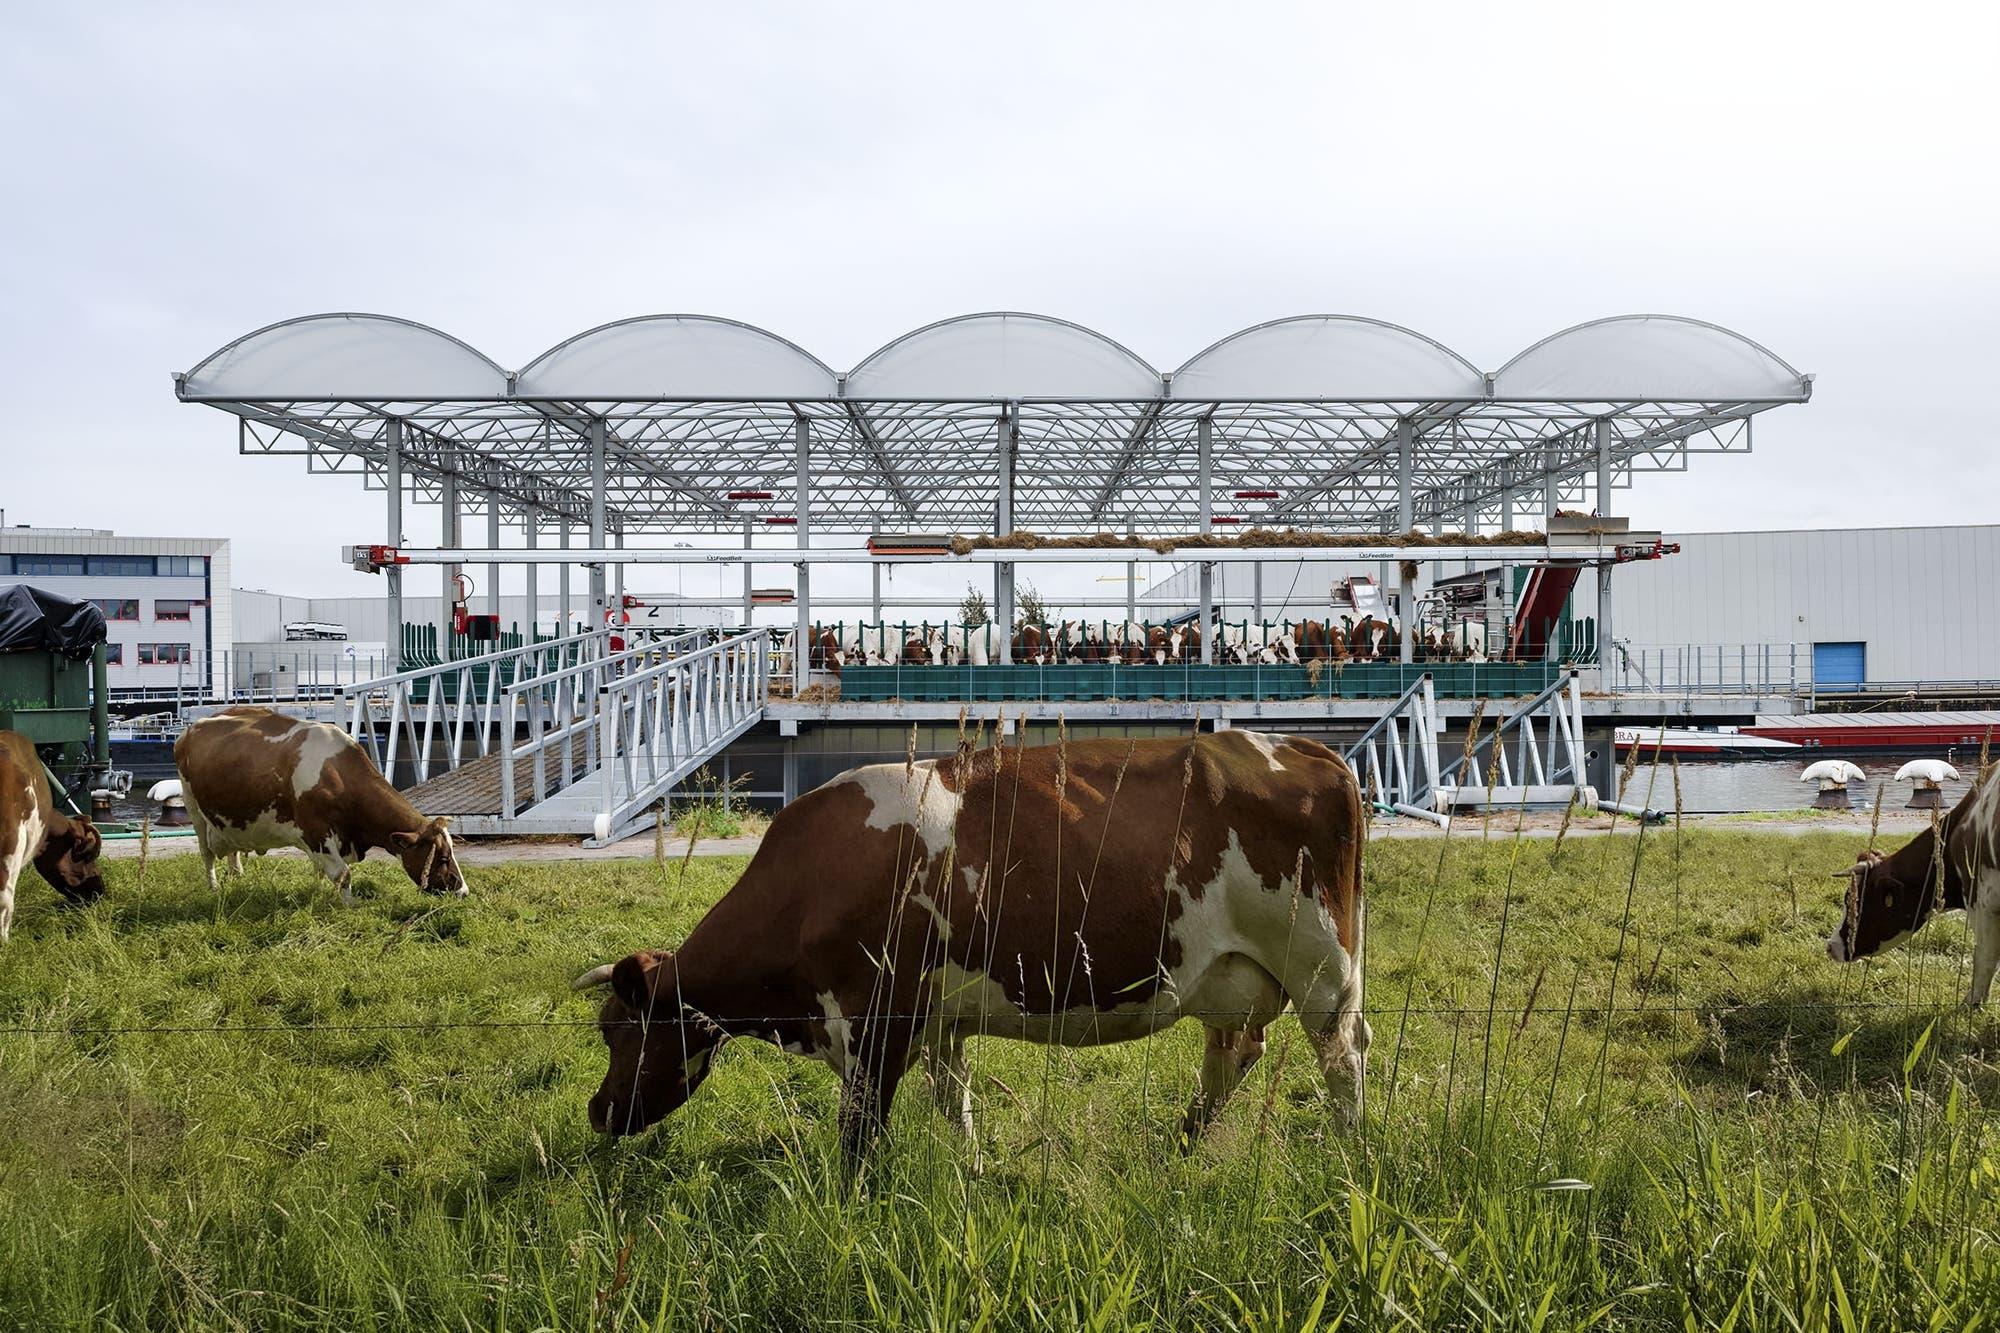 En Holanda prueban un tambo flotante autosustentable con 35 vacas